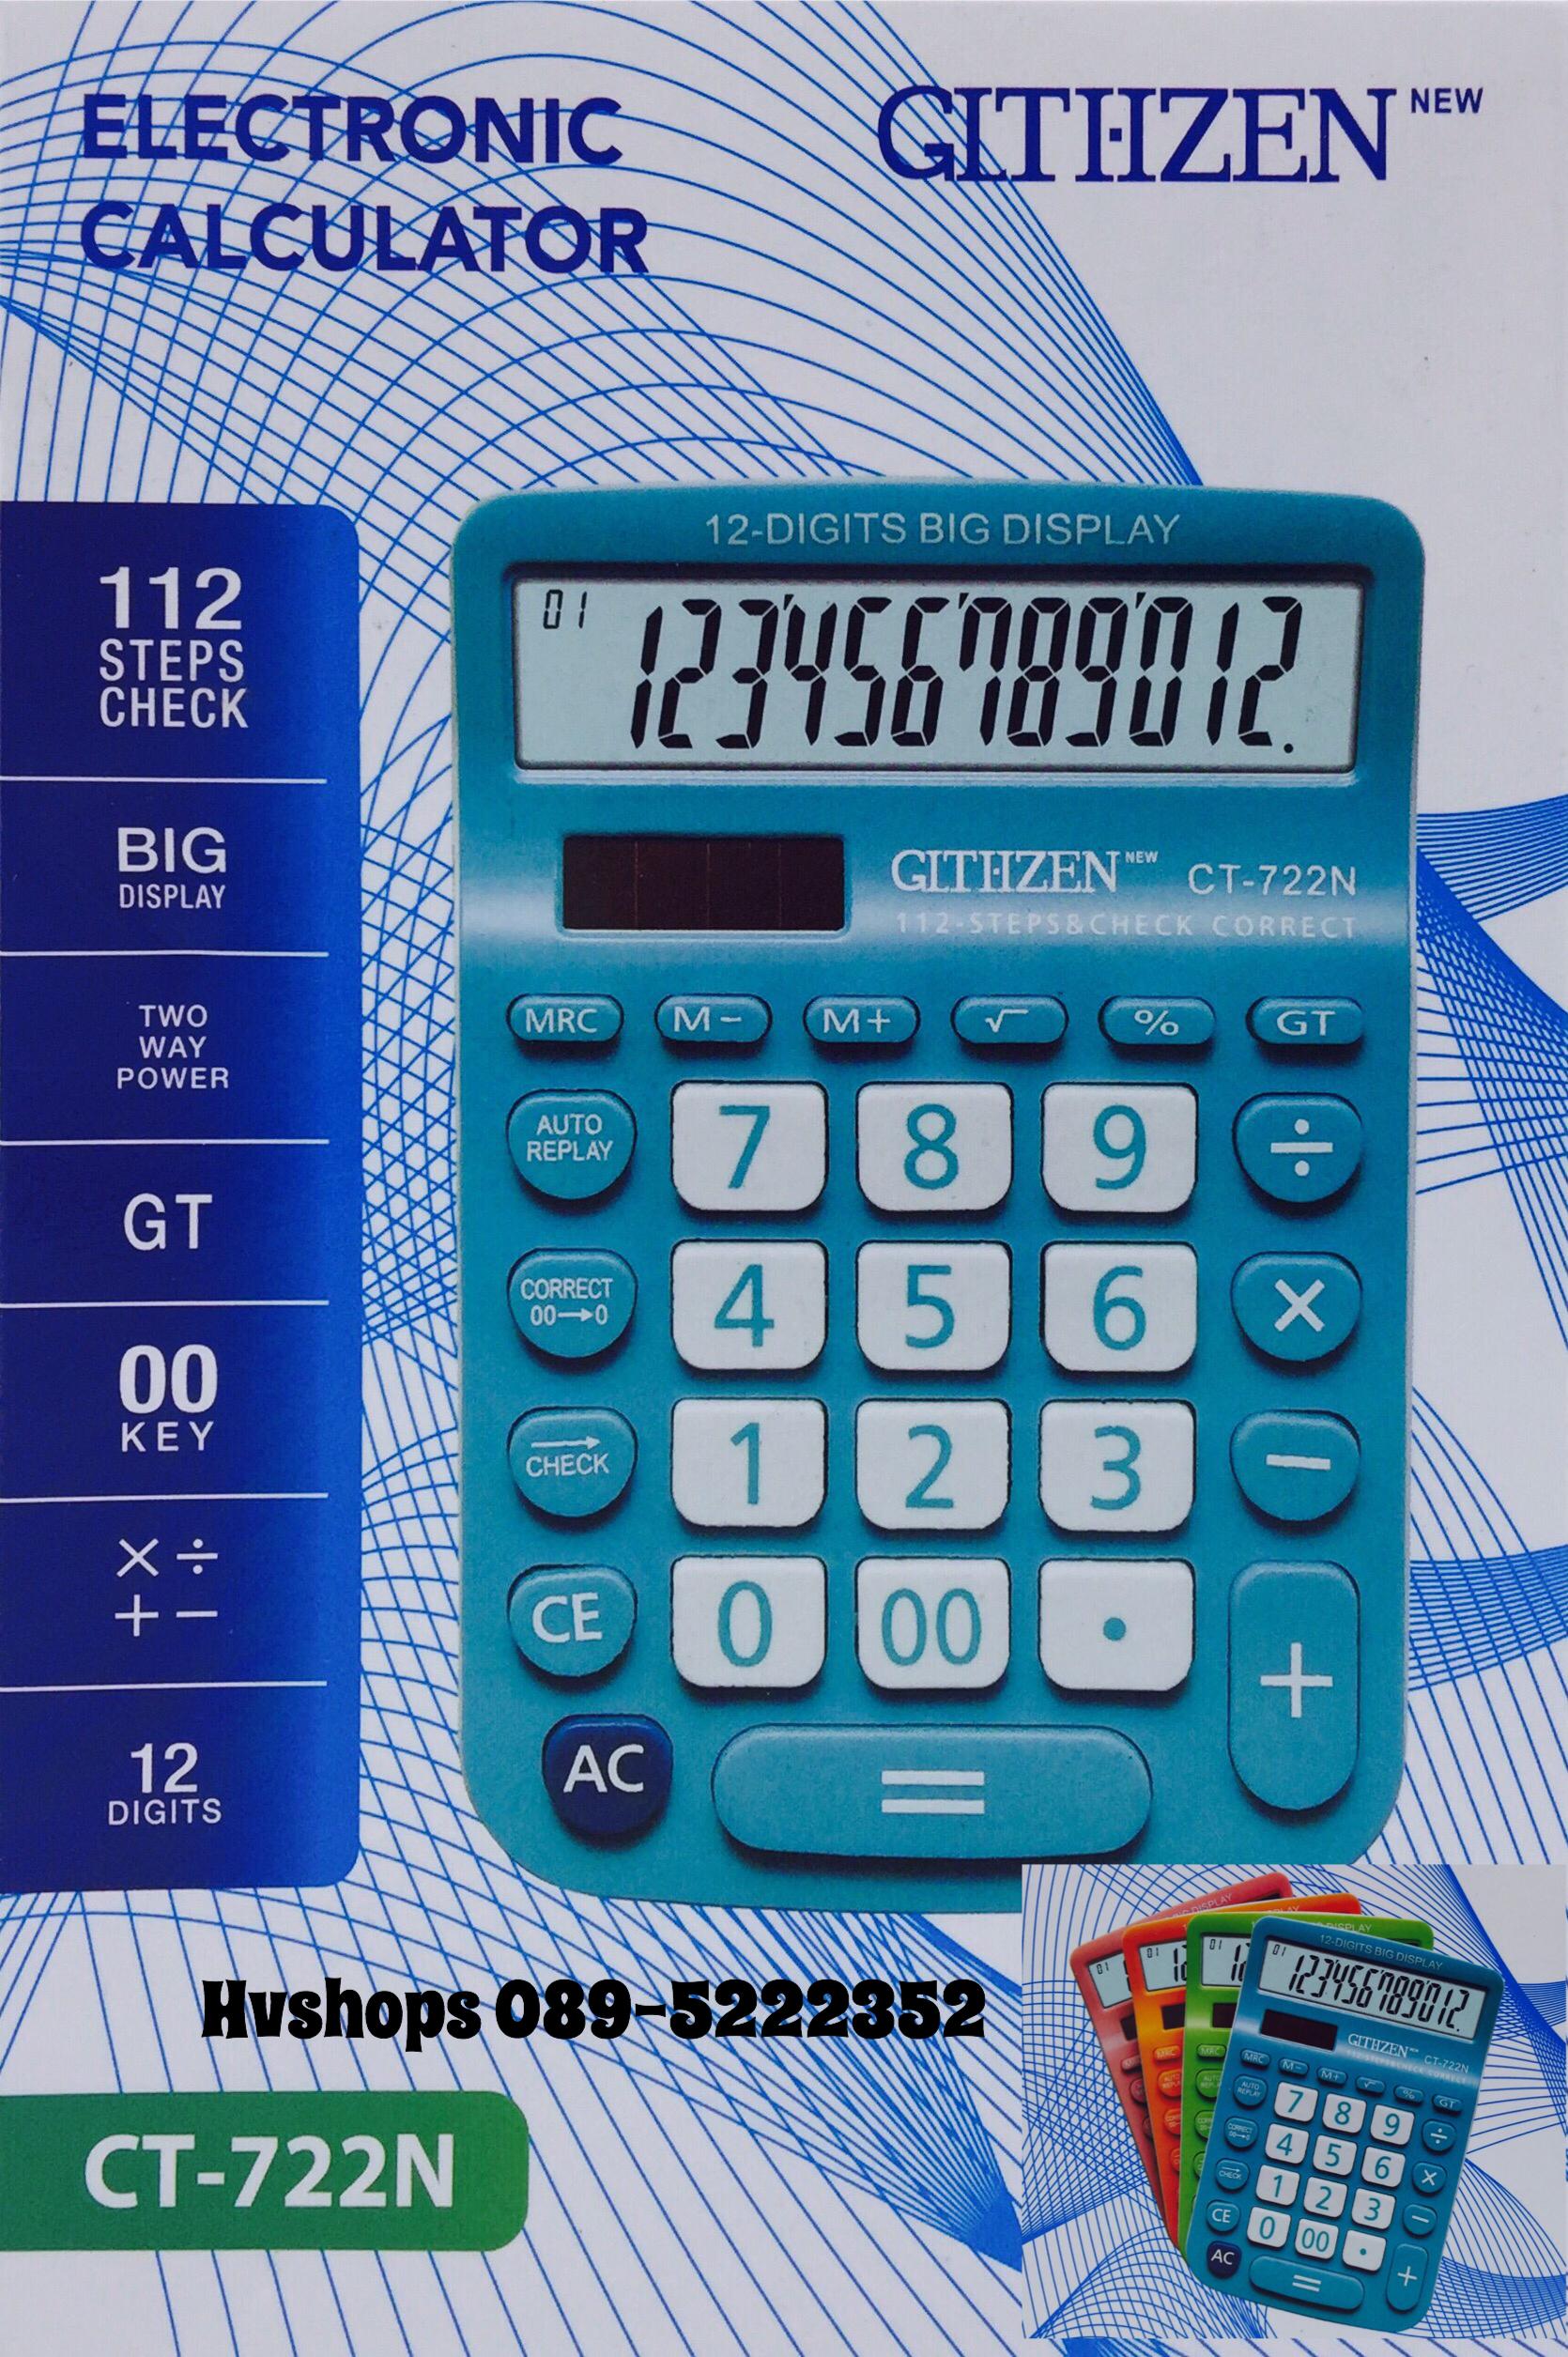 เครื่องคิดเลขจีน GLTHZEN รุ่น CT-722N